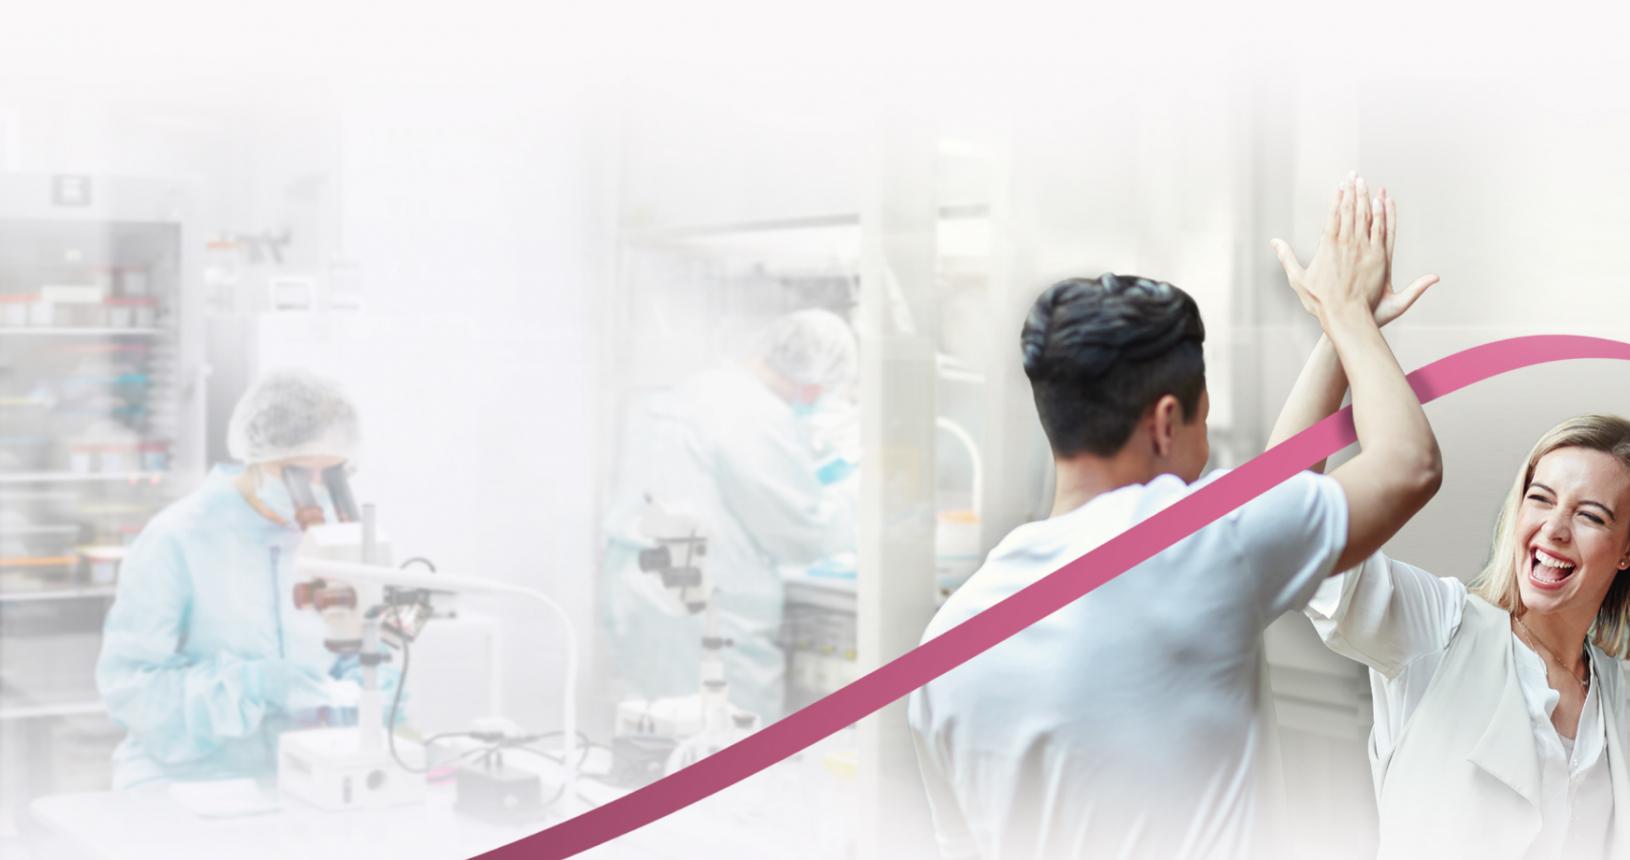 OMNi-BiOTiC® Pro-Vi 5 ist Ihr Partner für die Abwehrkraft: Die innovative und weltweit einzigartige Kombination aus 5 speziell ausgesuchten Bakterienstämmen ergänzt Ihre Darmflora bei jeder Einnahme mit 5 Milliarden natürlich im menschlichen Darm vorkommenden Symbionten.